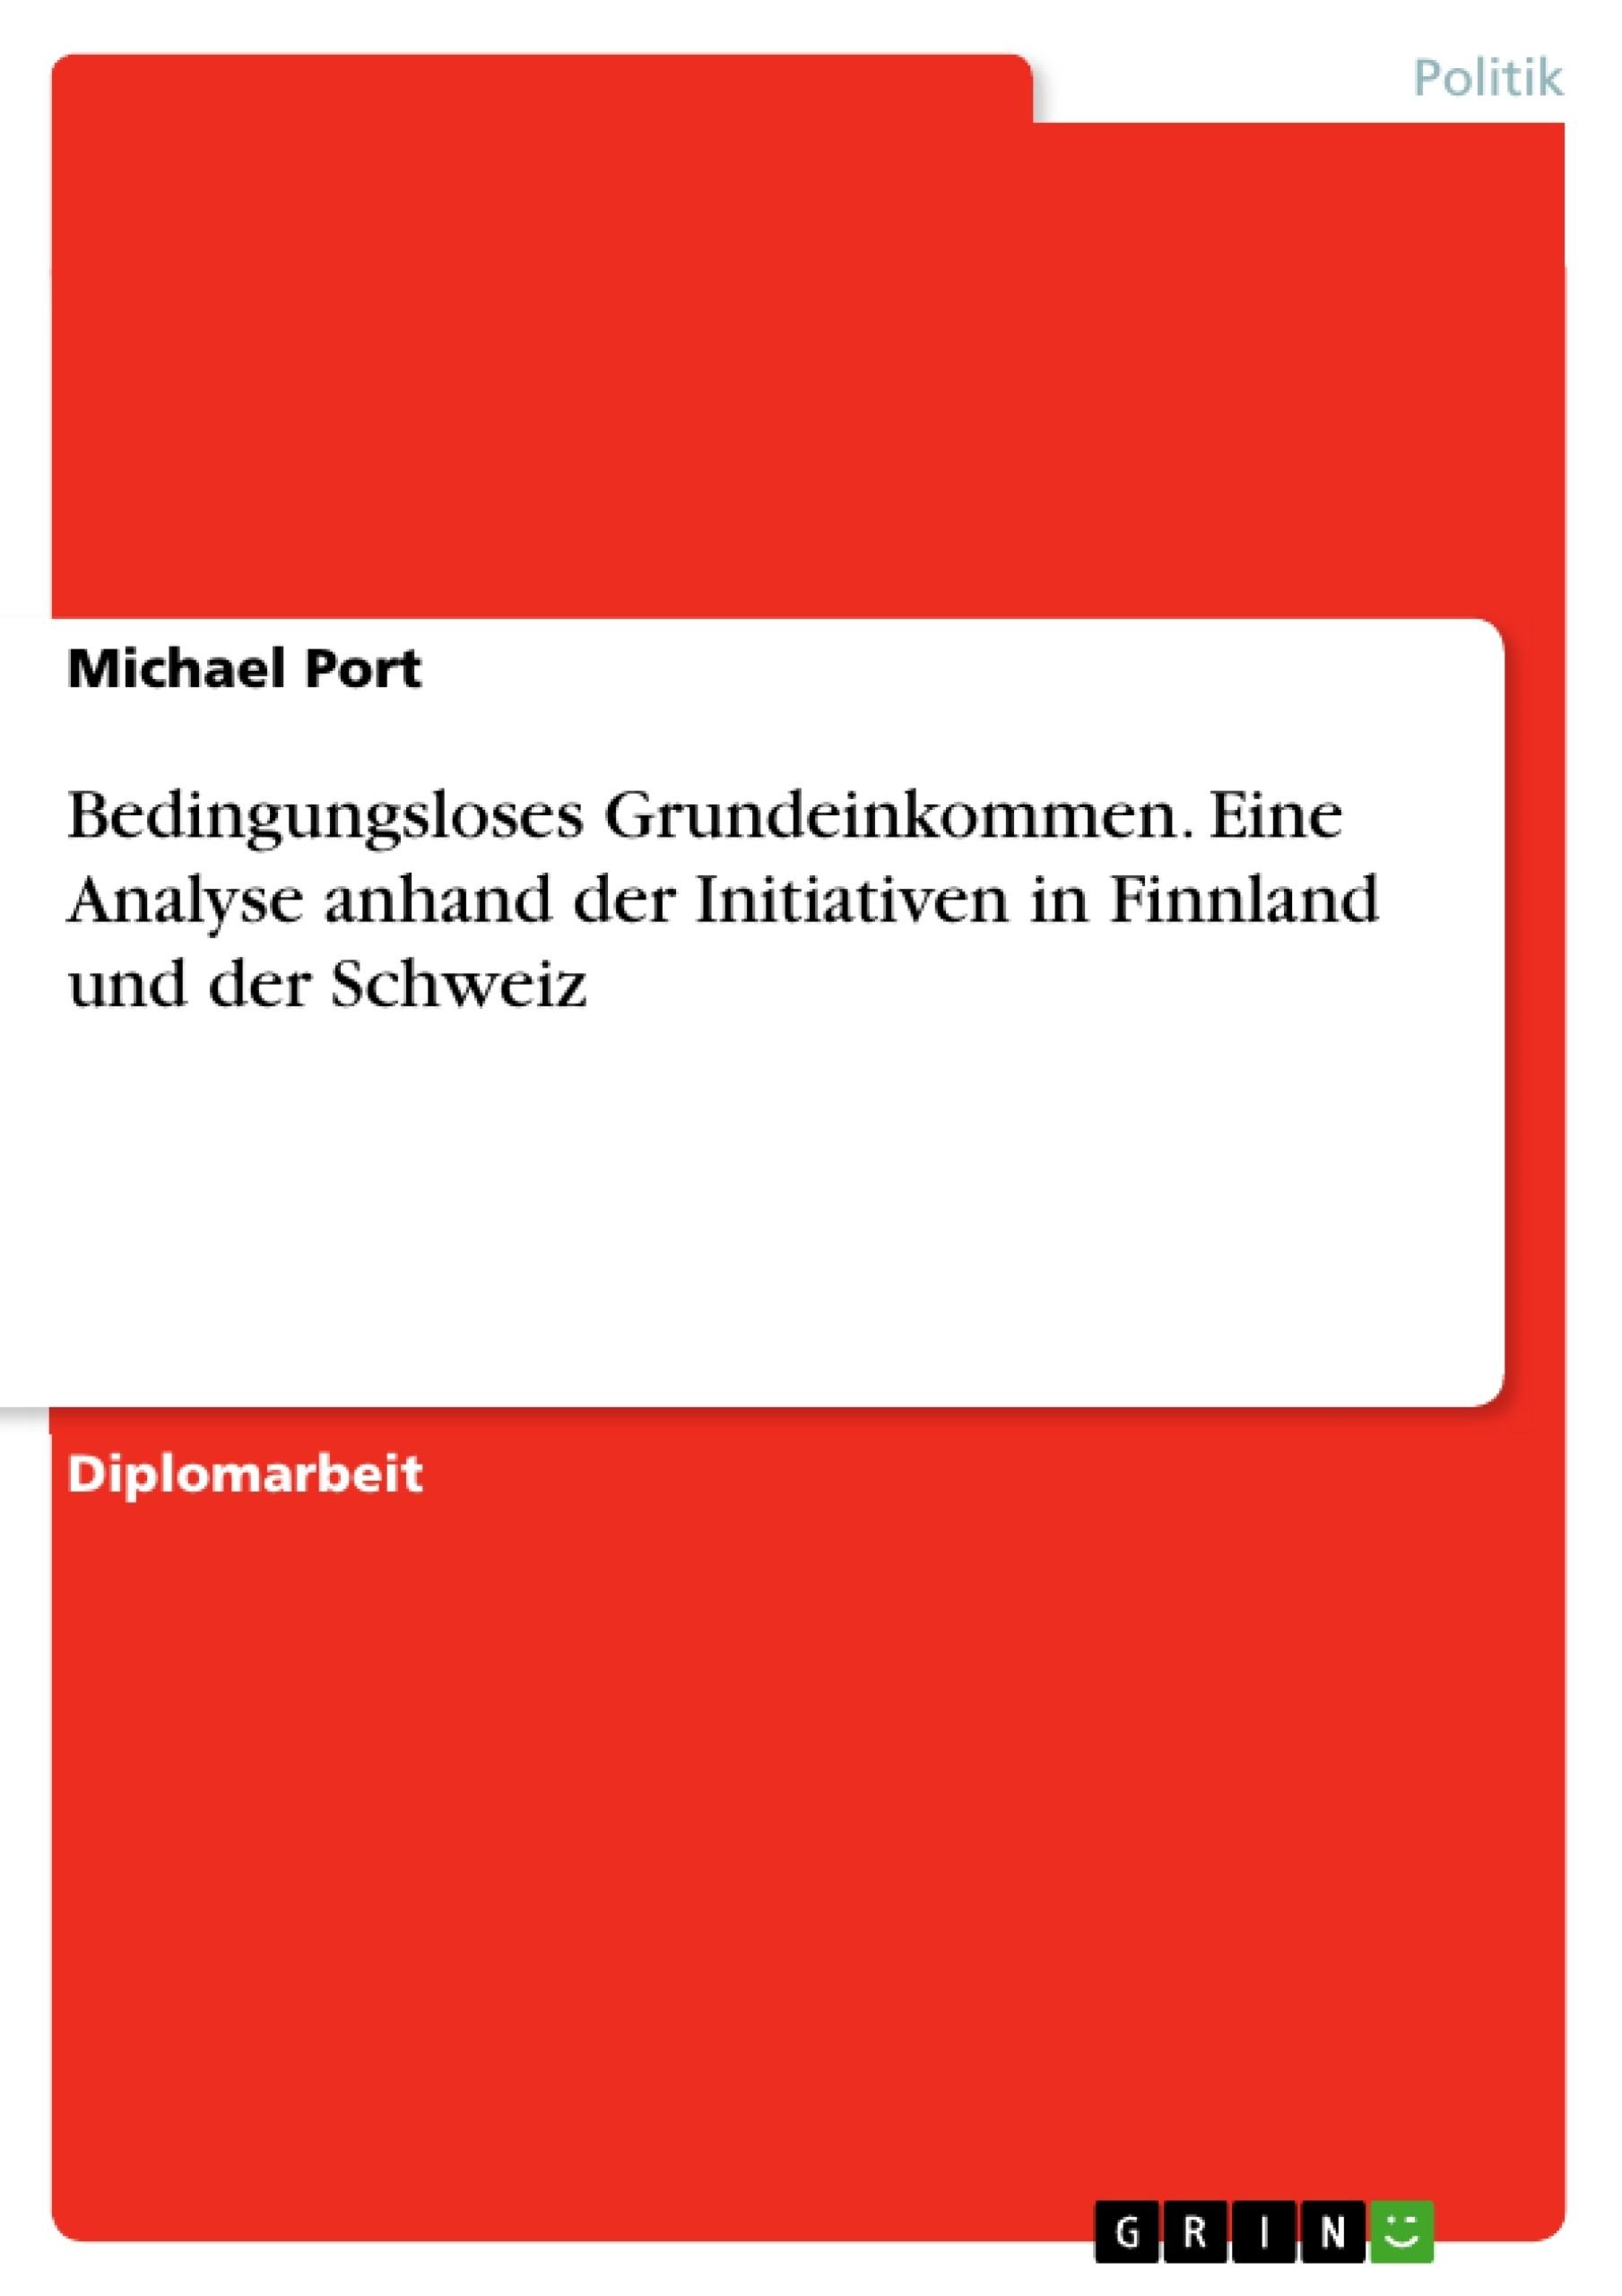 Titel: Bedingungsloses Grundeinkommen. Eine Analyse anhand der Initiativen in Finnland und der Schweiz